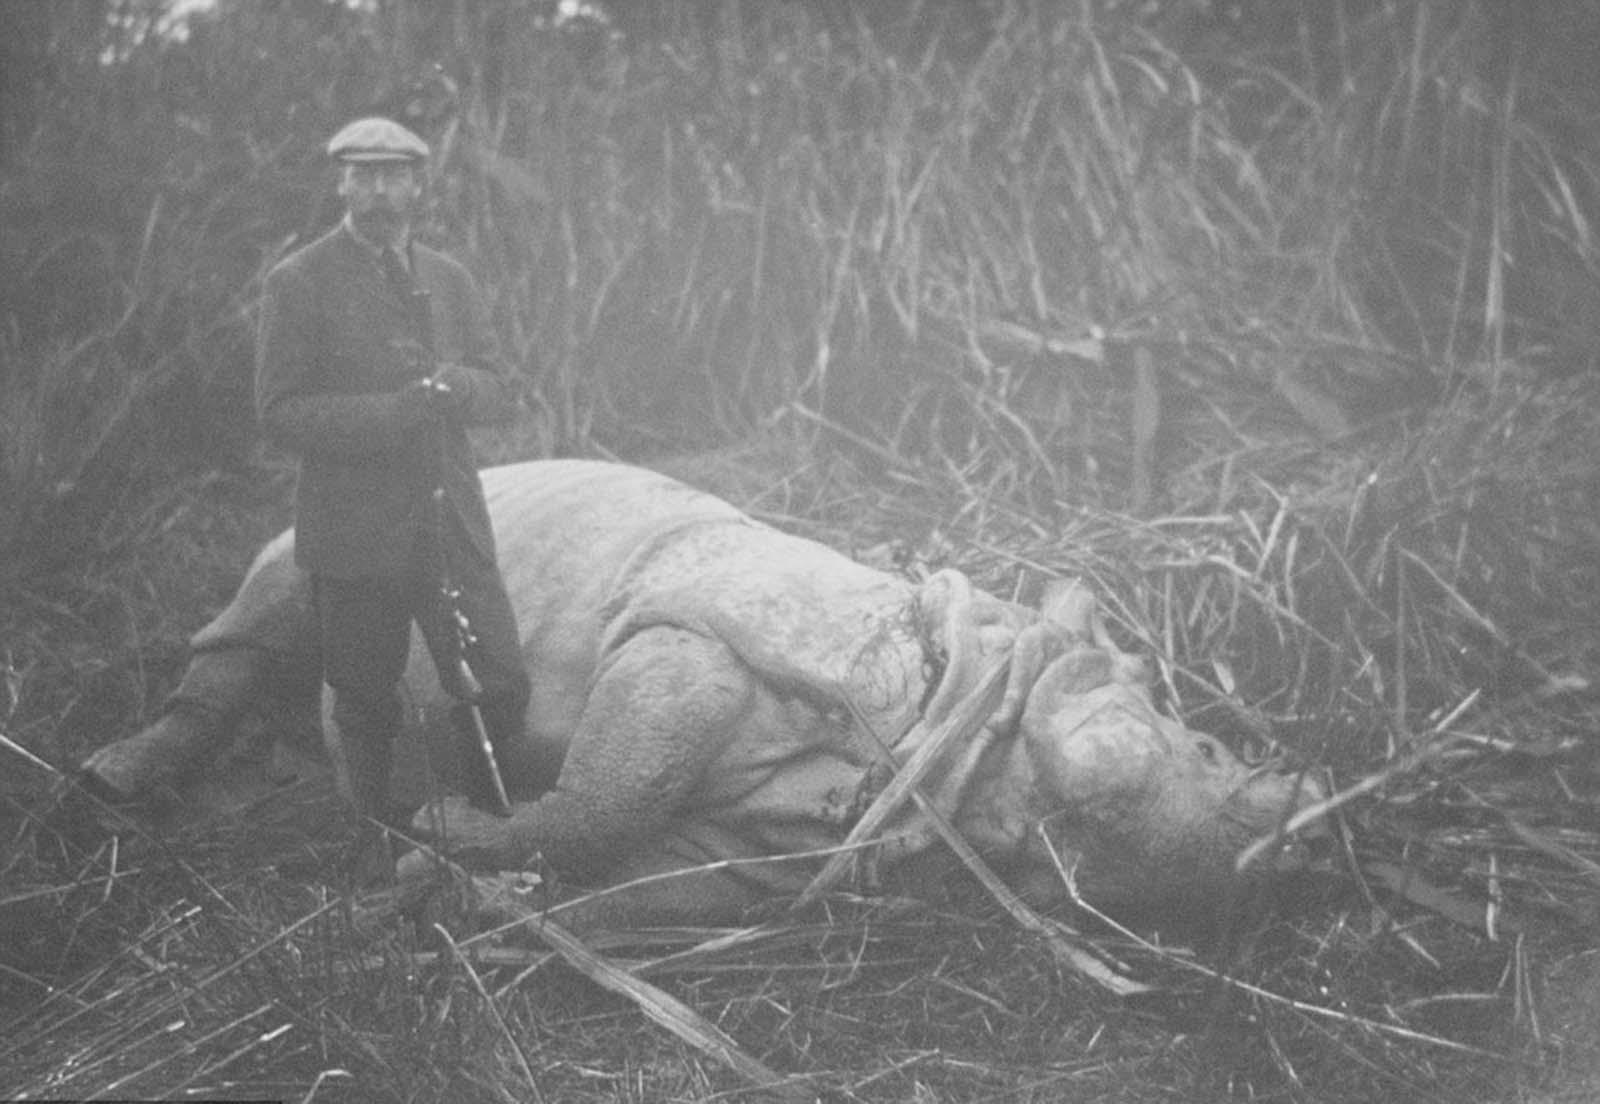 Em 1911 a realeza britânica foi à Índia para ser coroada e aproveitou para caçar 21